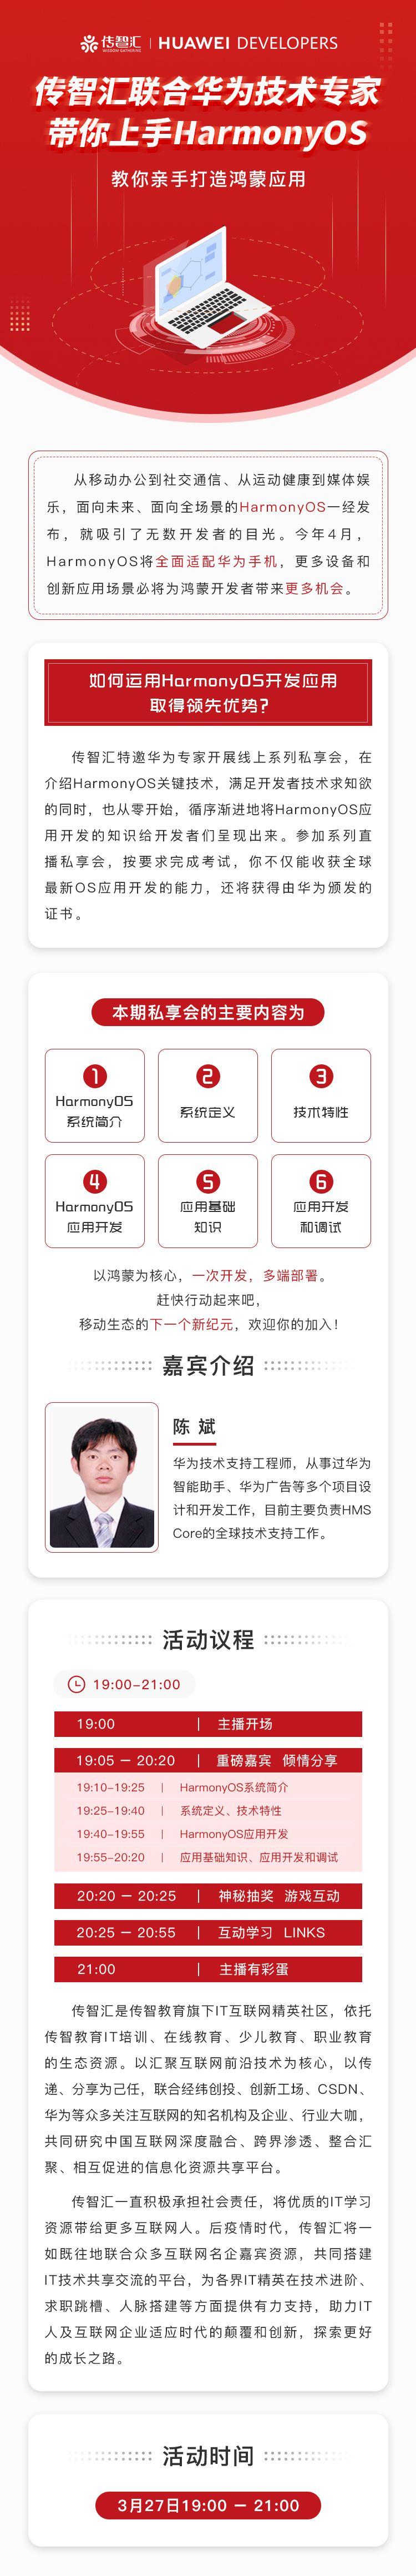 传智汇华为直播私享会第十九期定稿不带二维码(1).jpg